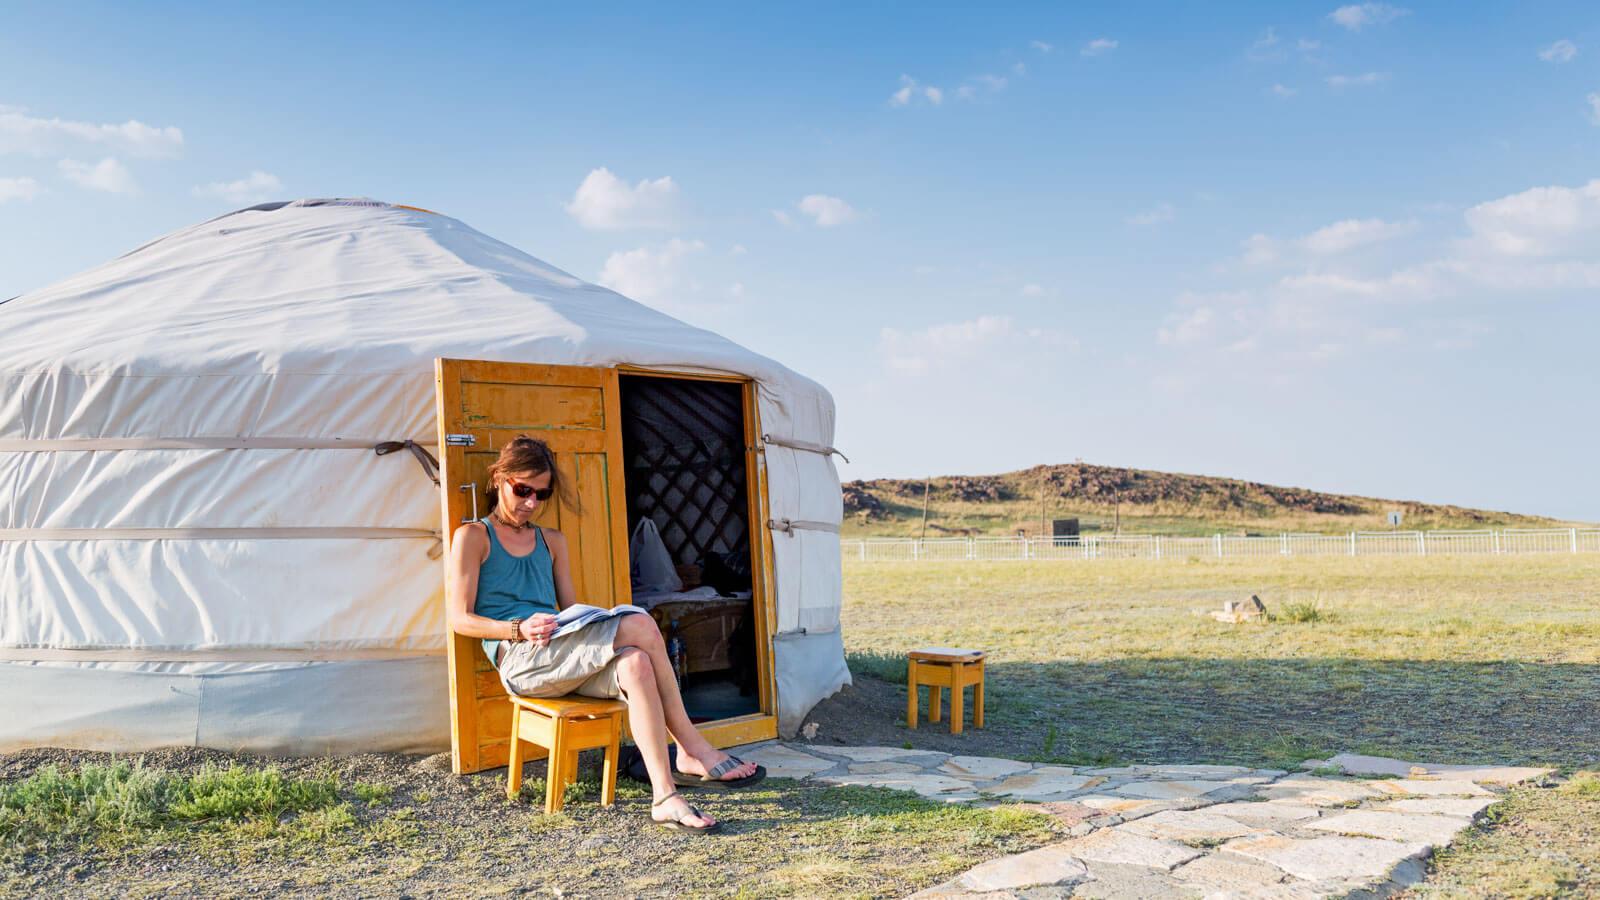 Die besten Reisebücher - Buchtipps bei Fernweh